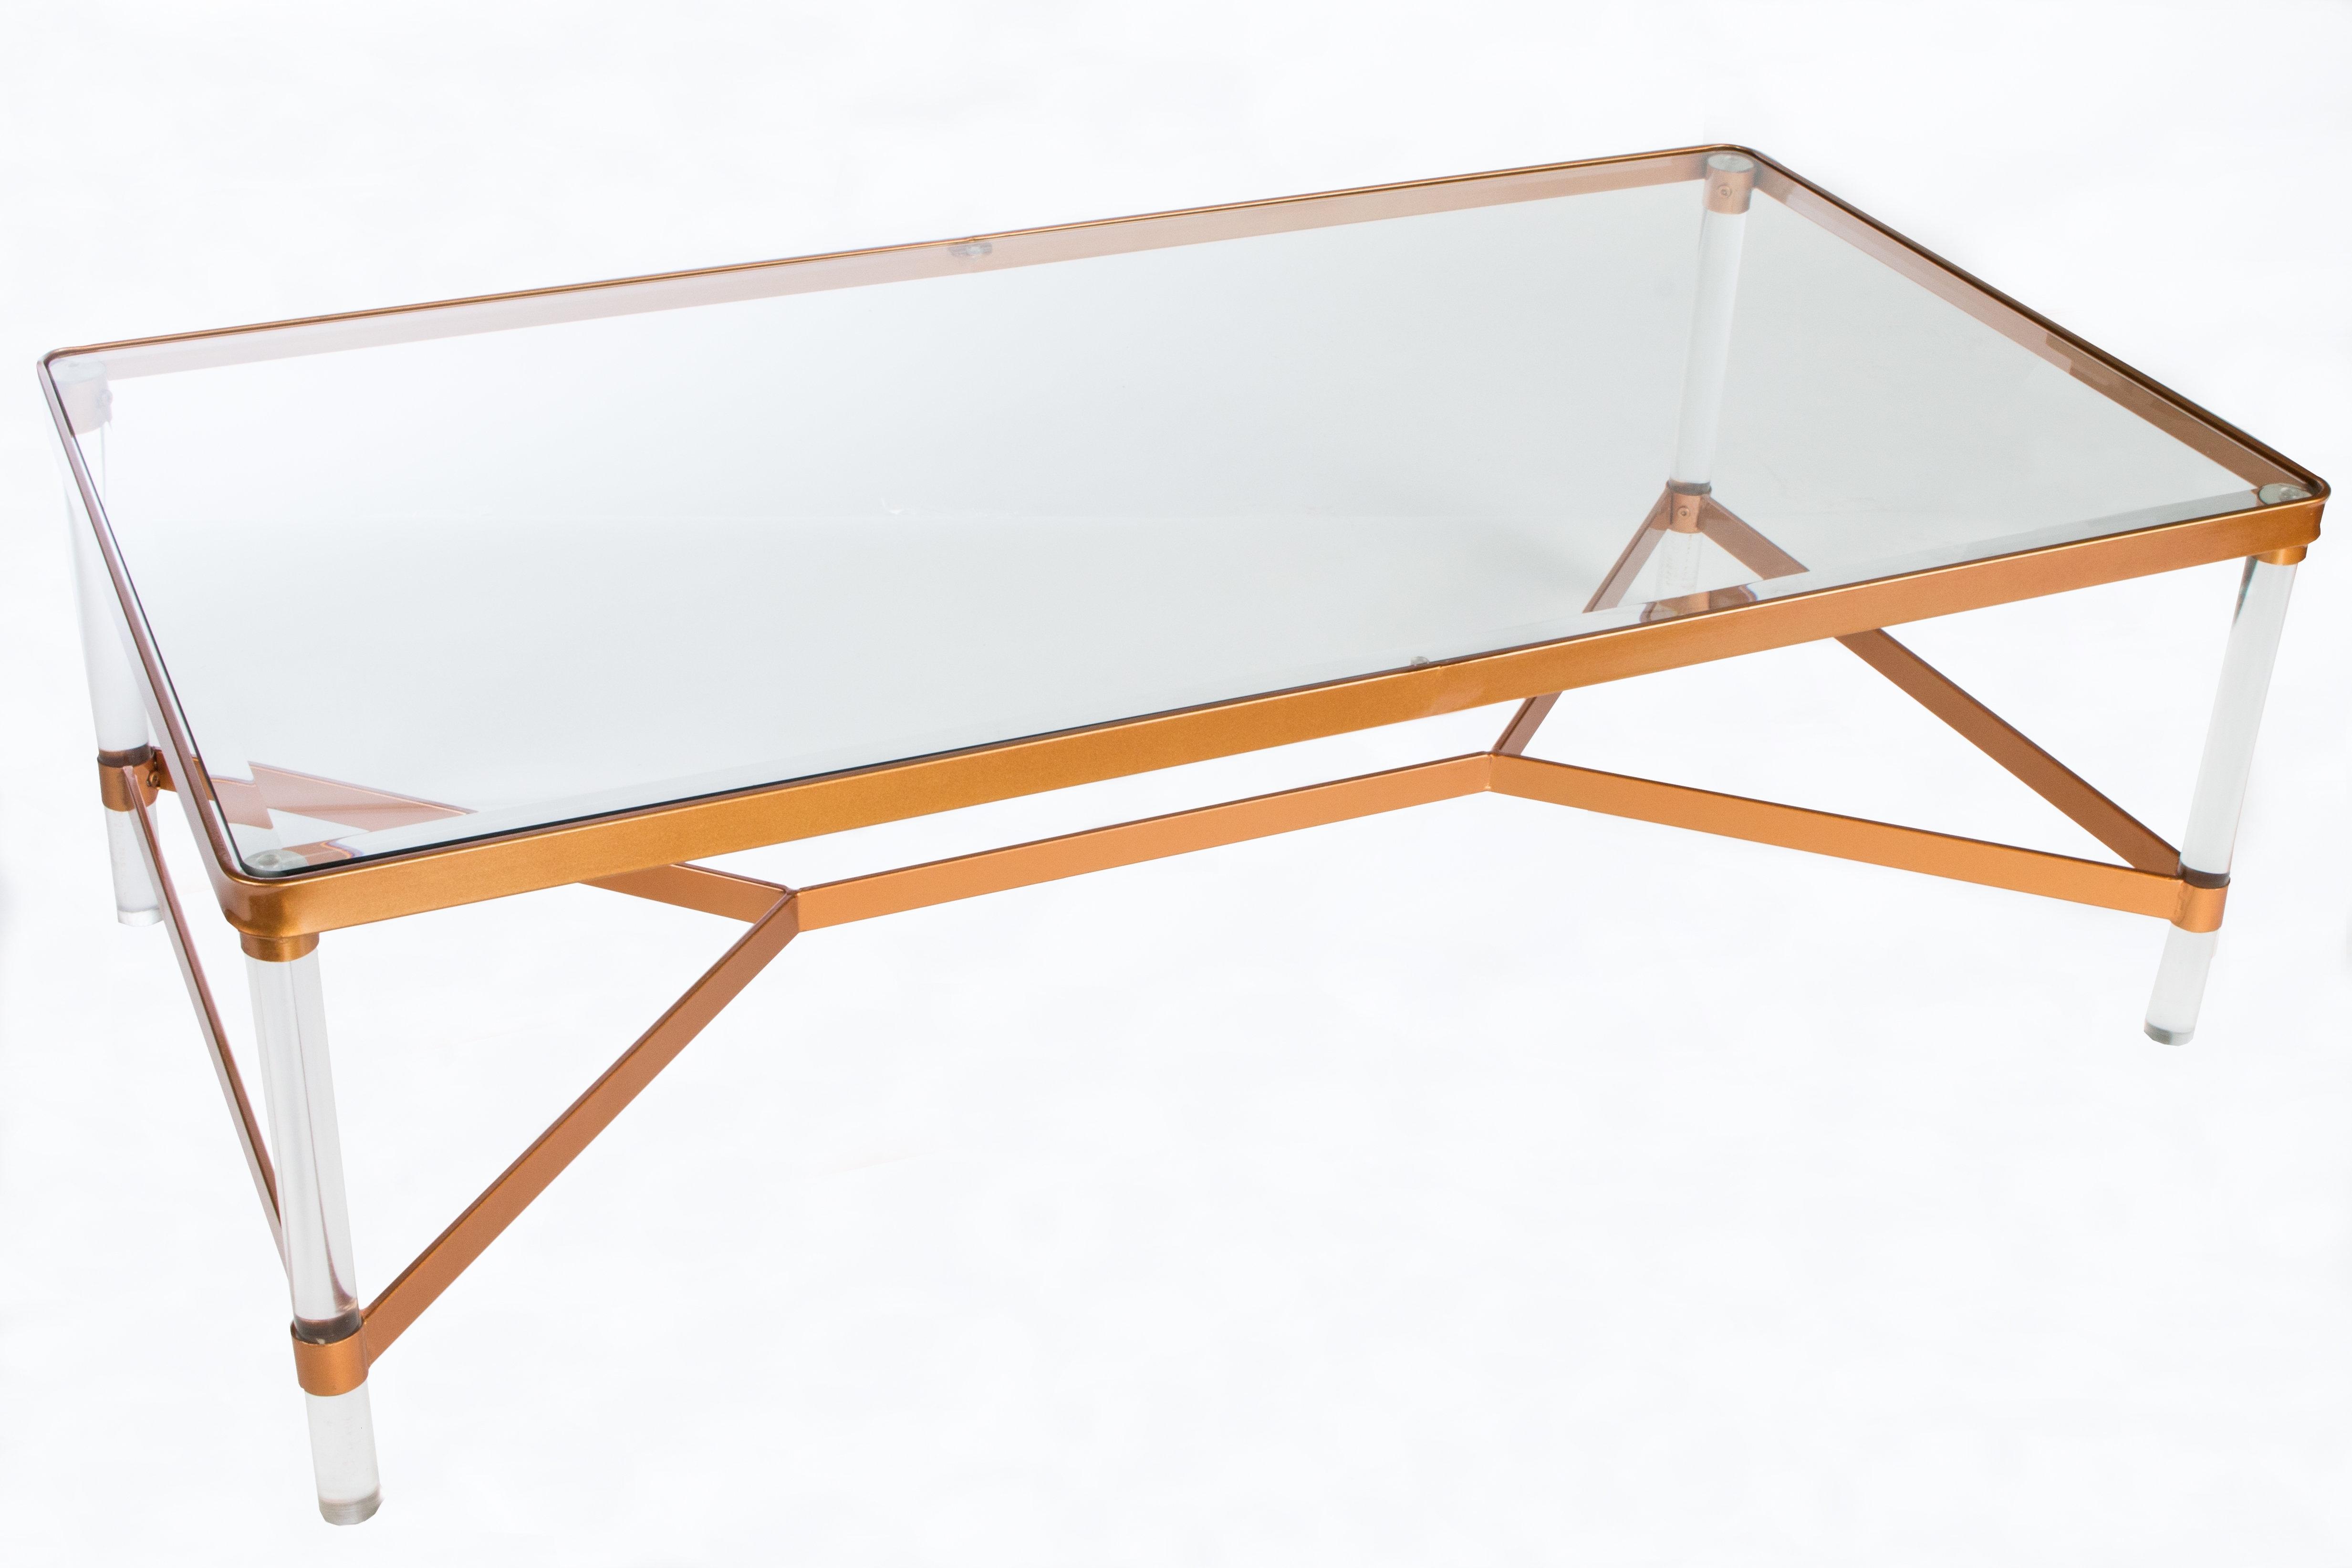 Statementsj Mireille Acrylic Coffee Table | Wayfair with Peekaboo Acrylic Coffee Tables (Image 28 of 30)